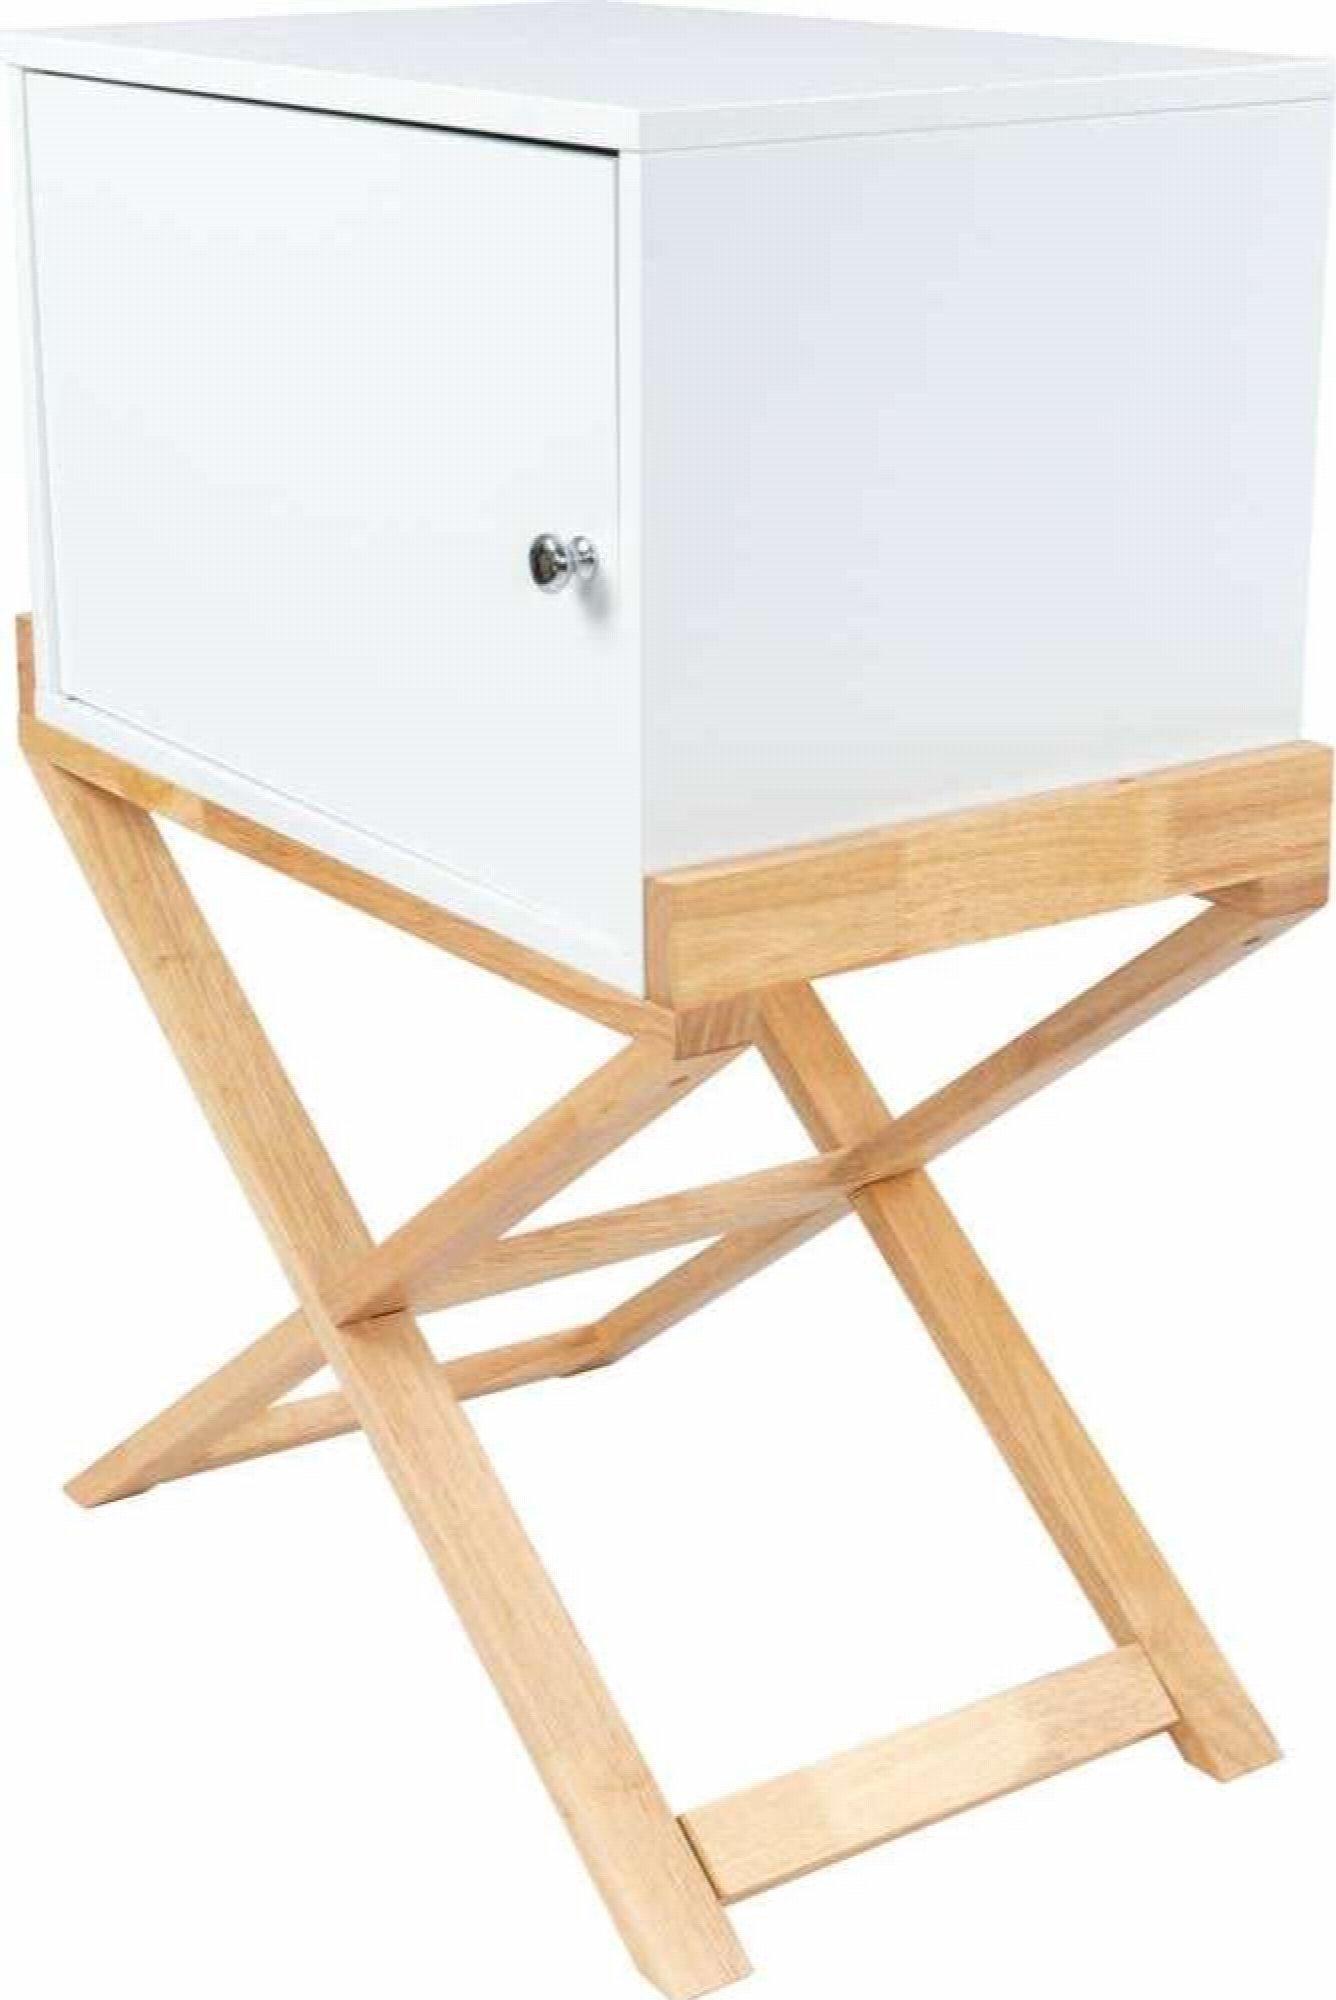 Table de chevet 1 porte couleur blanc et bois clair (photo)